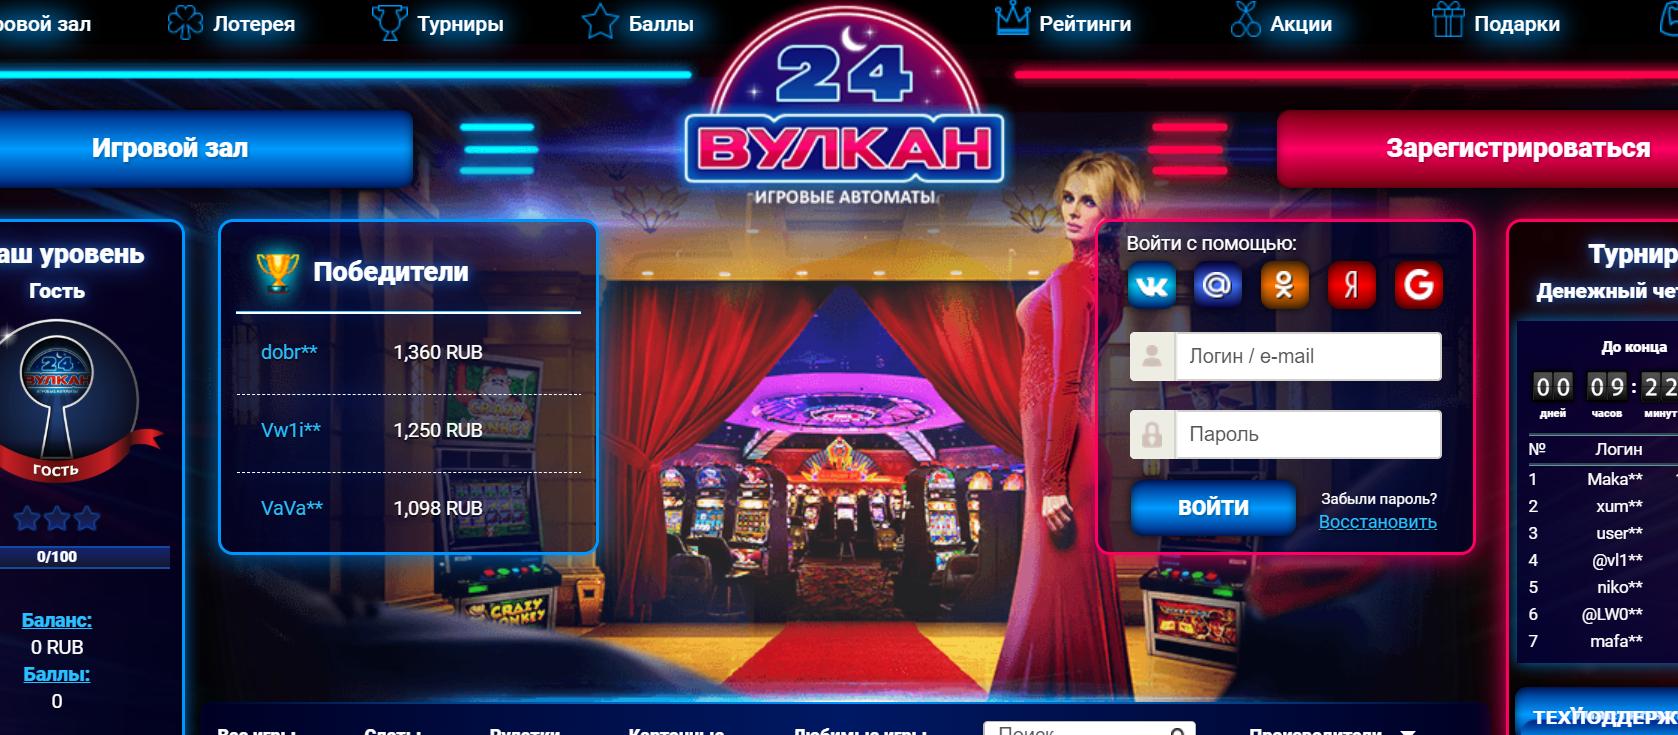 Наслаждение азартом на сайте казино Вулкан 24